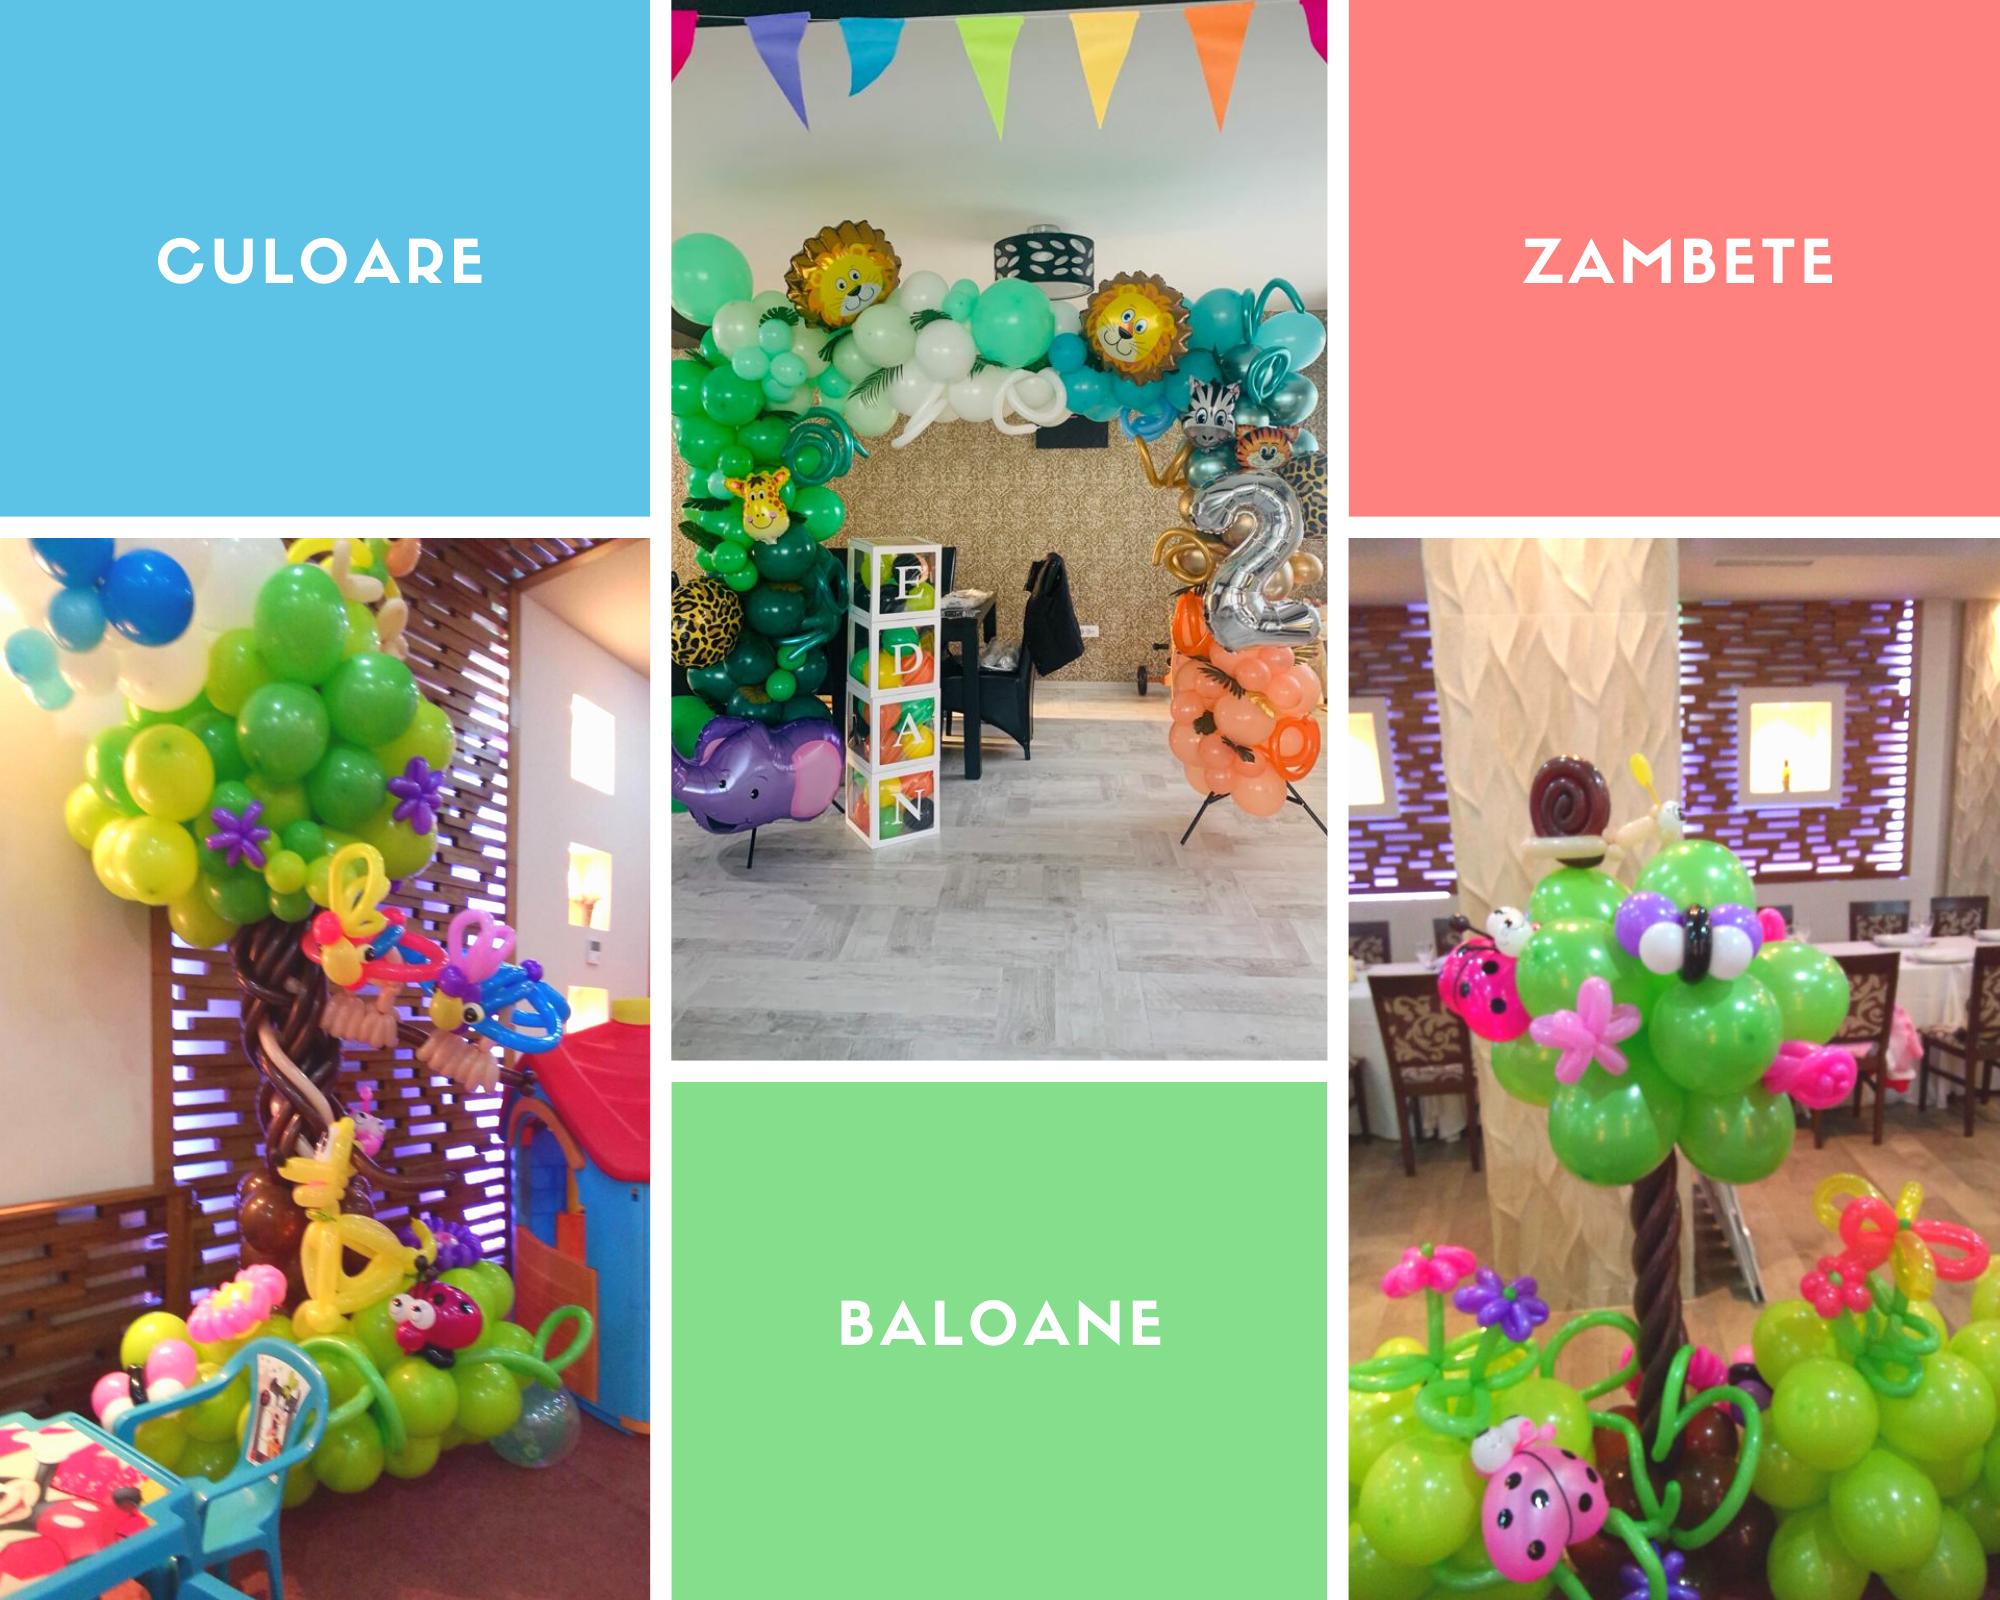 Zambete, culoare si multe baloane